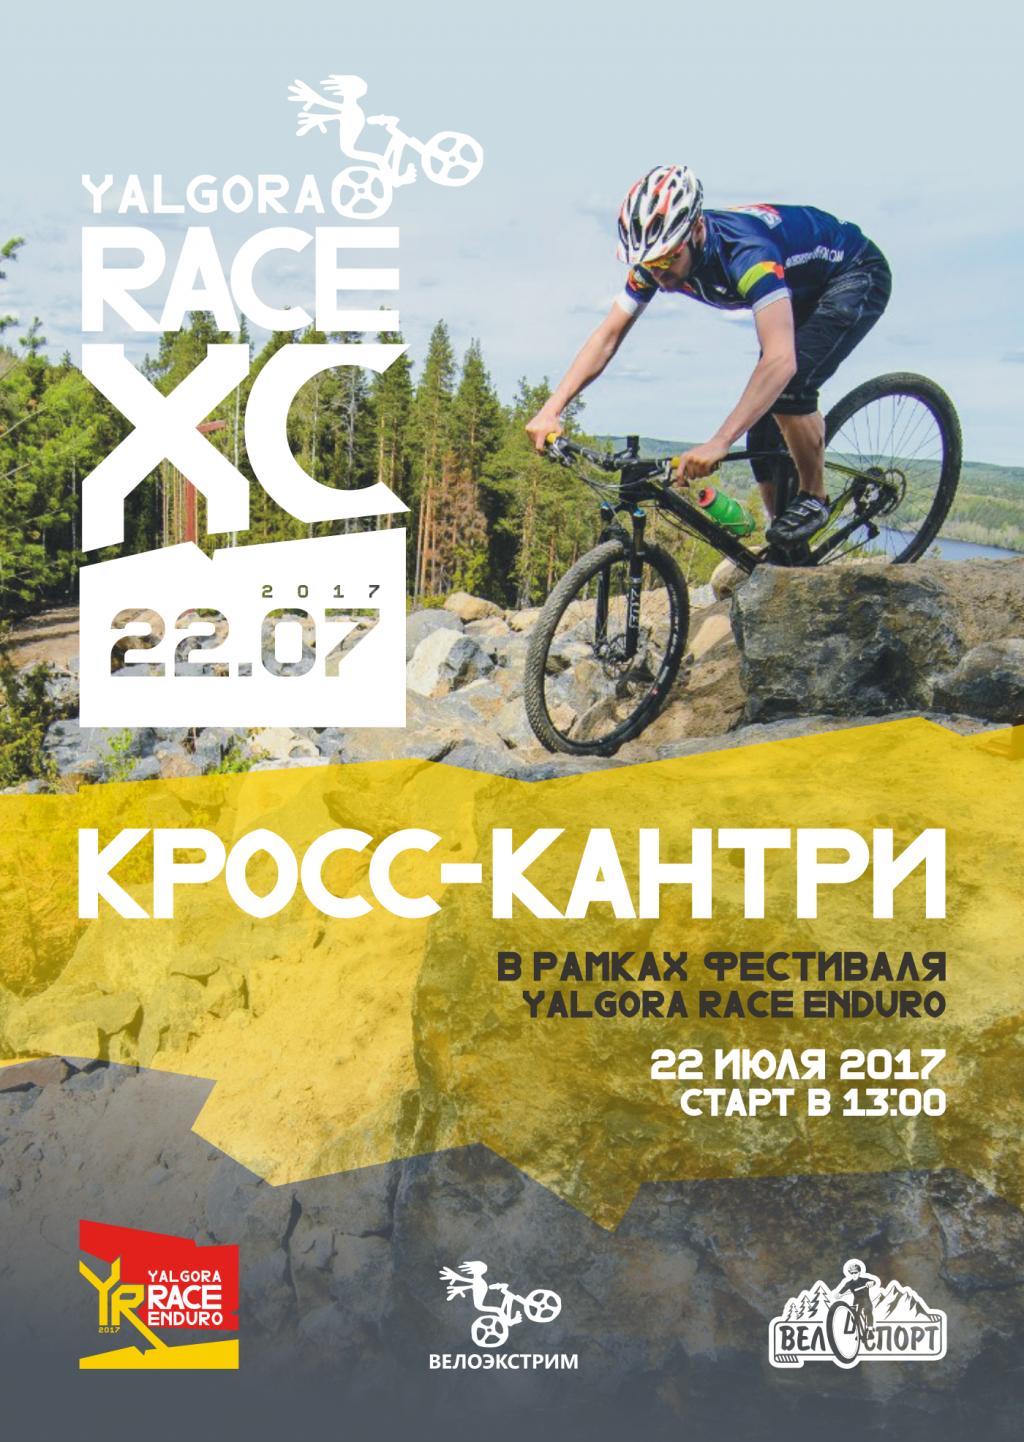 Блог им. AleksandrGrigorev: YalgoraRace Enduro + Сross-country 21-23 июля. Петрозаводск